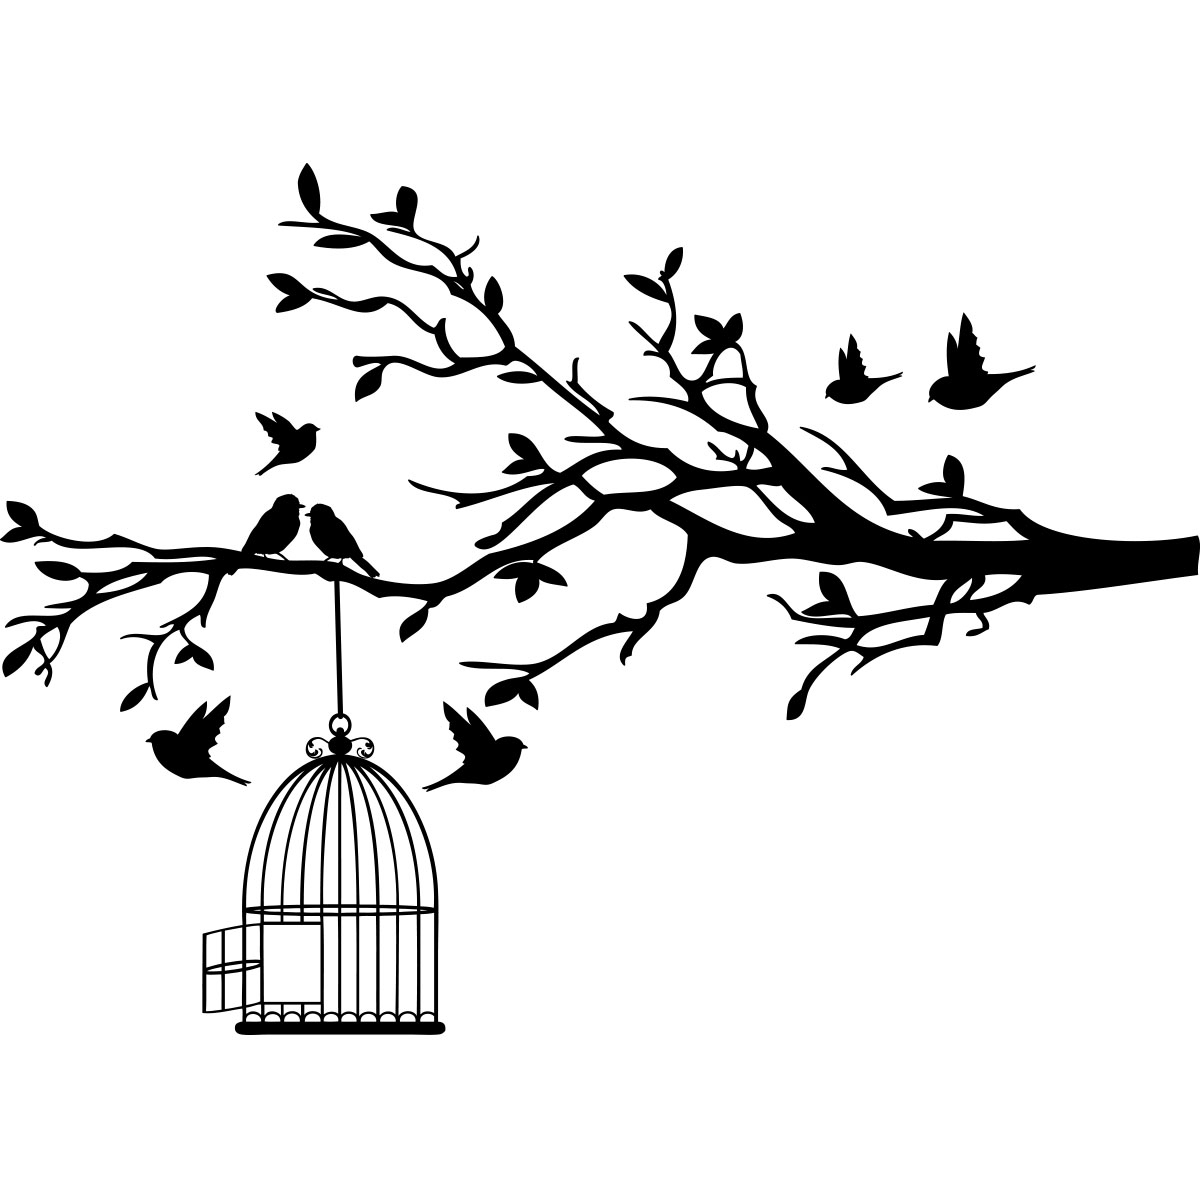 Dessin Maison D'oiseau - Dernier B destiné Dessin D Oiseau Simple